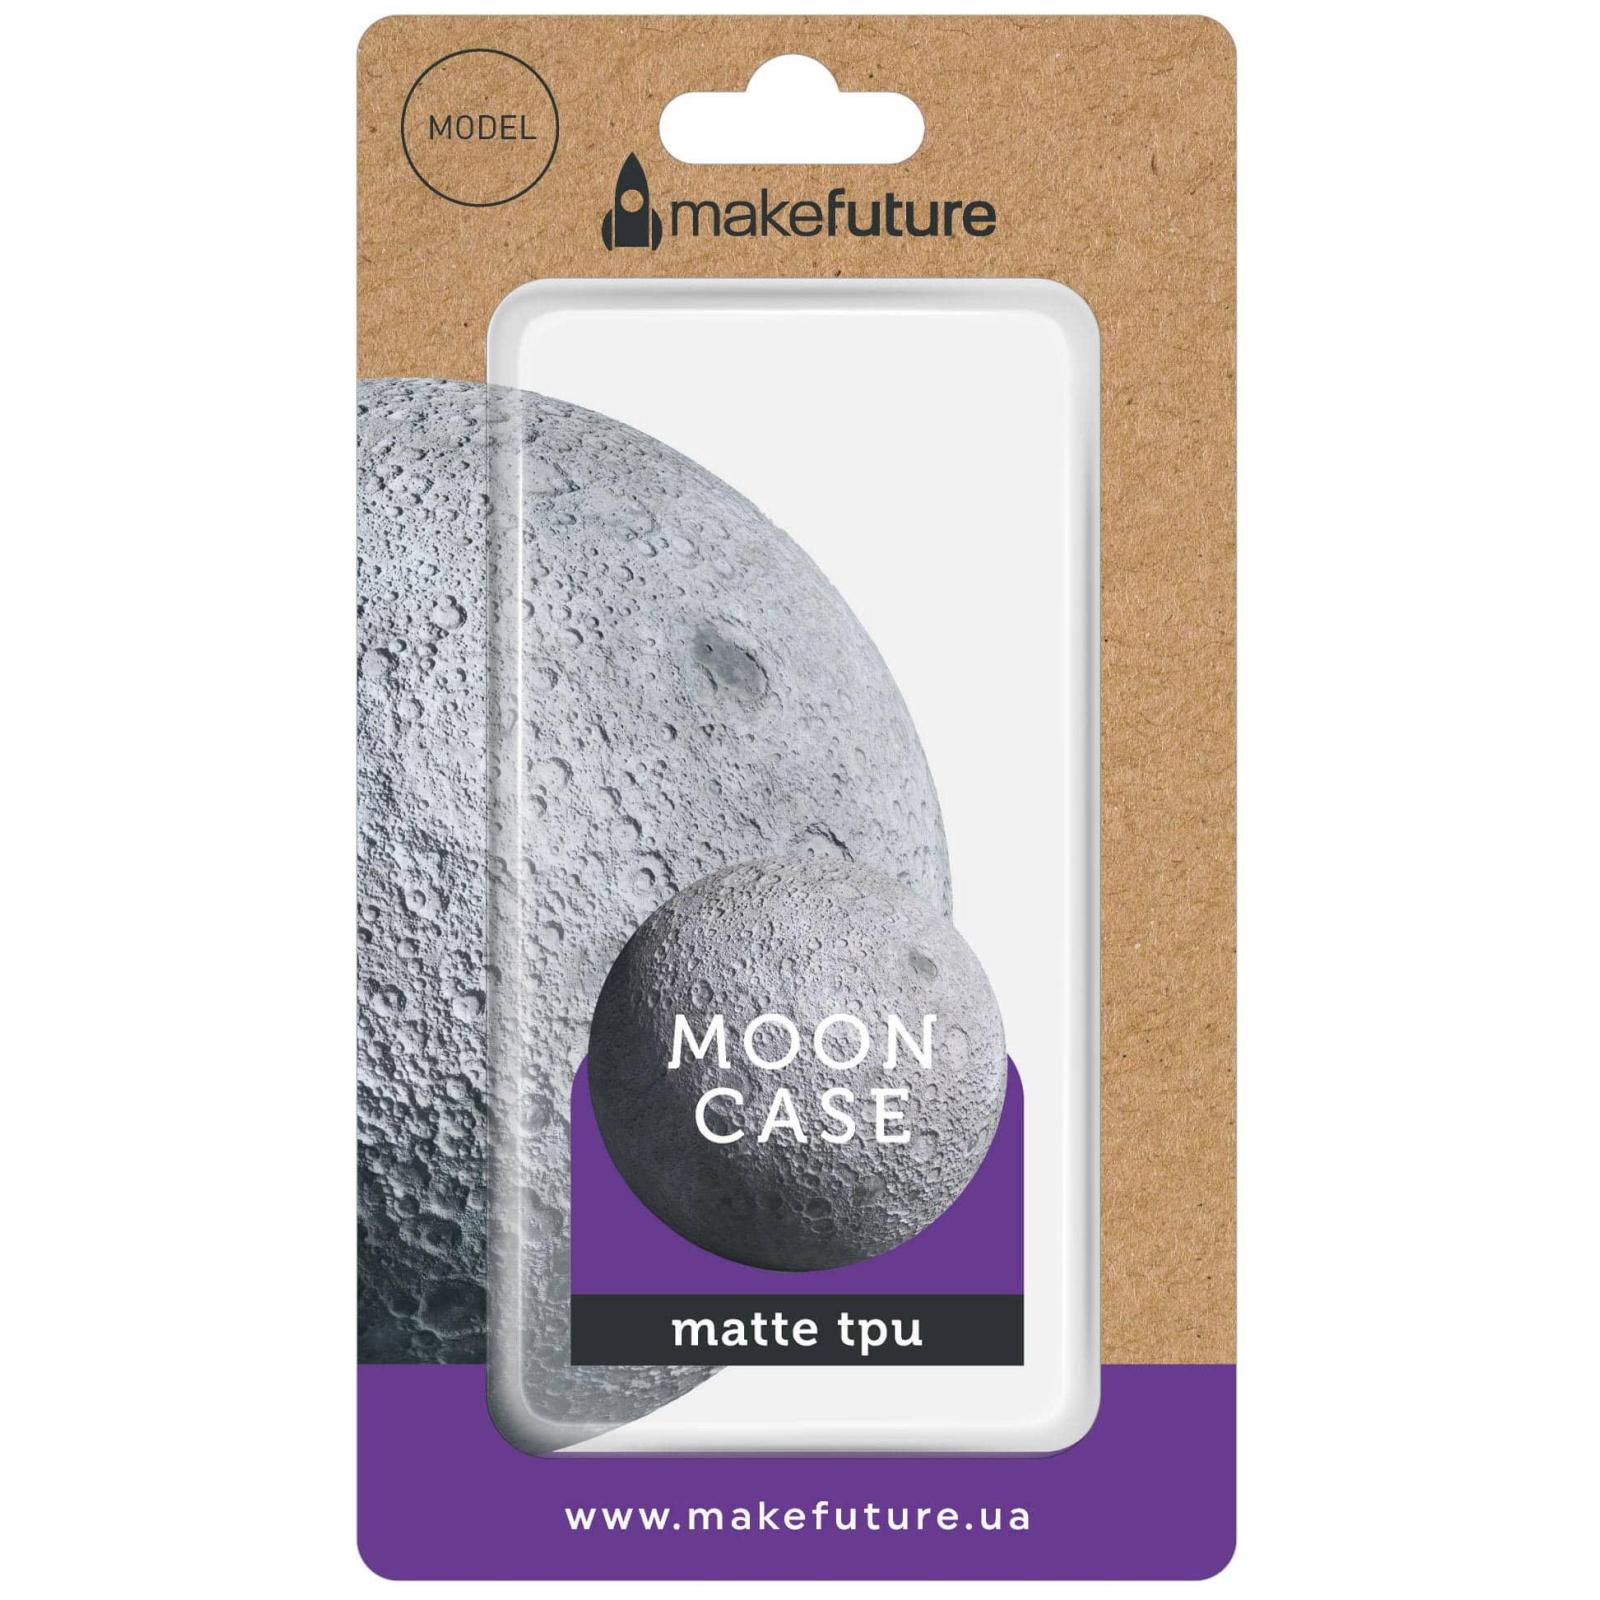 Чехол для моб. телефона MakeFuture Moon Case (TPU) для Samsung J7 Neo (J701) Black (MCM-SJ7NBK) изображение 4